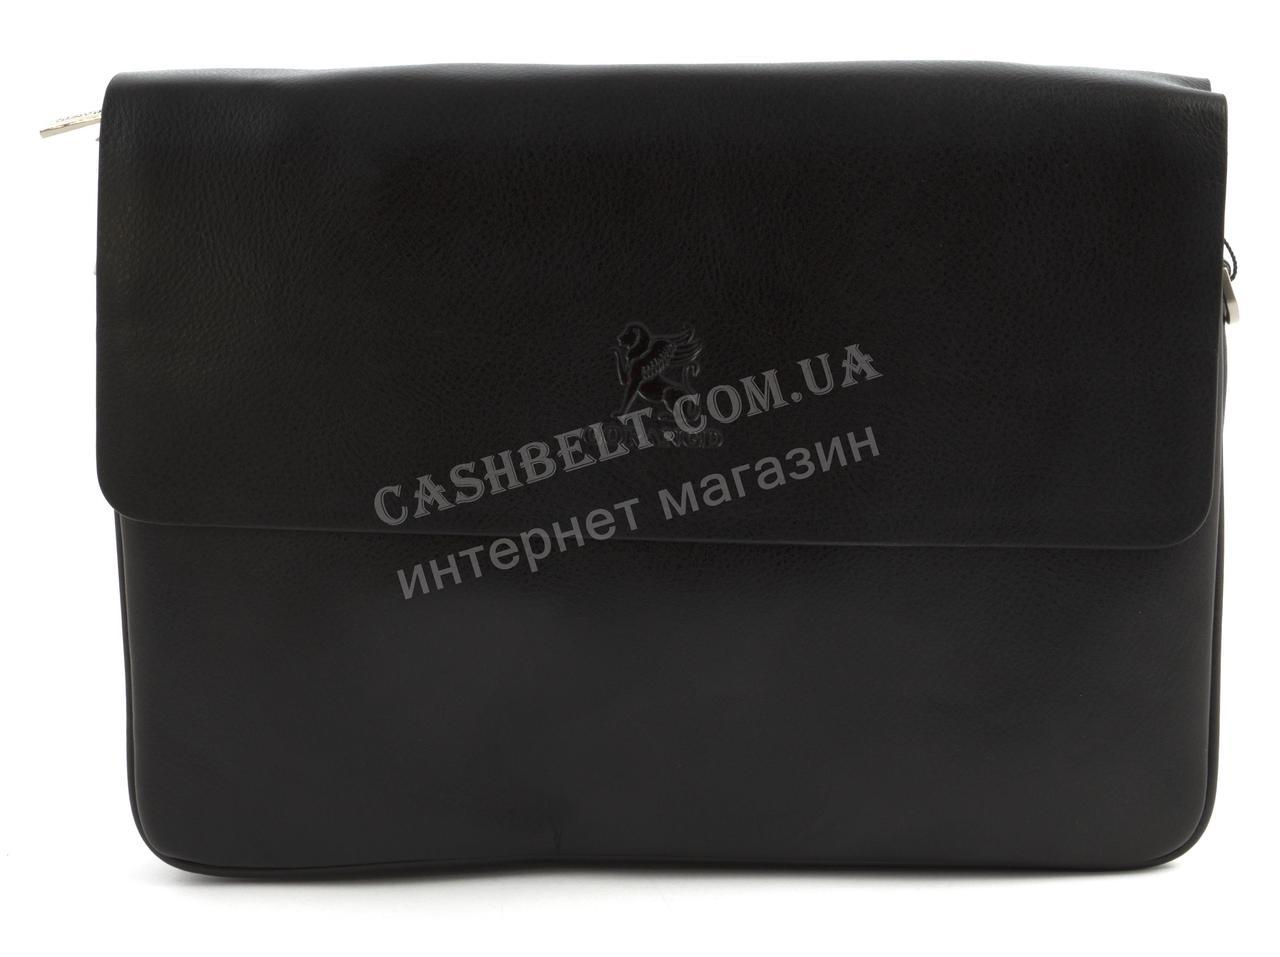 Якісна міцна чоловіча горизонтальна сумка з якісної шкіри PU GORANGD art. P66861-4 чорний